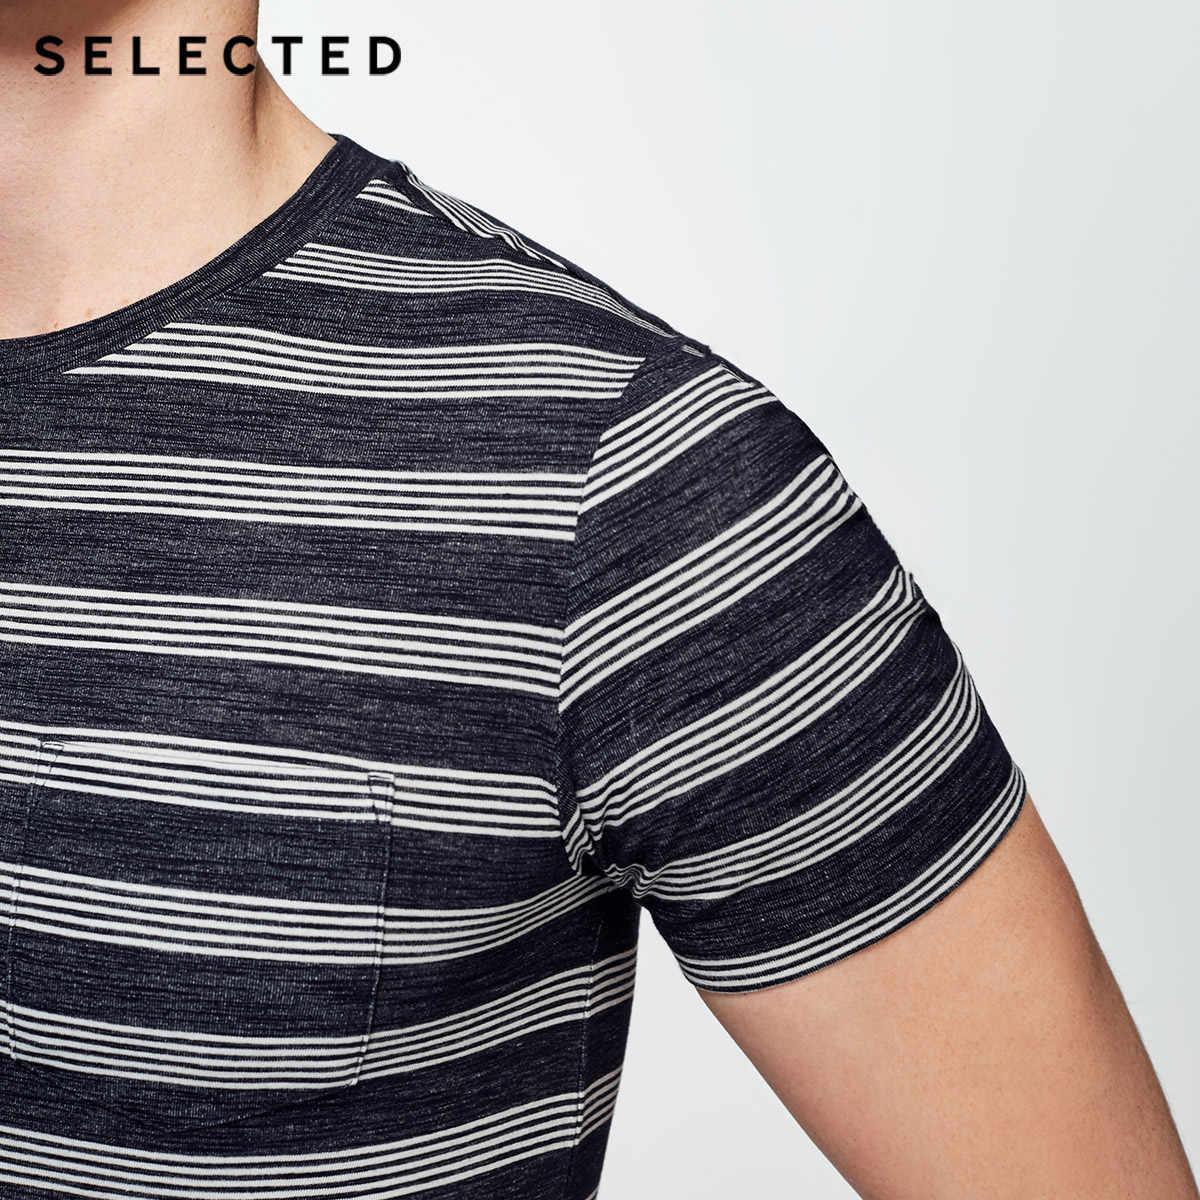 選択綿混紡ラウンド襟スリムストライプレジャー半袖 Tシャツ S | 4182T4543